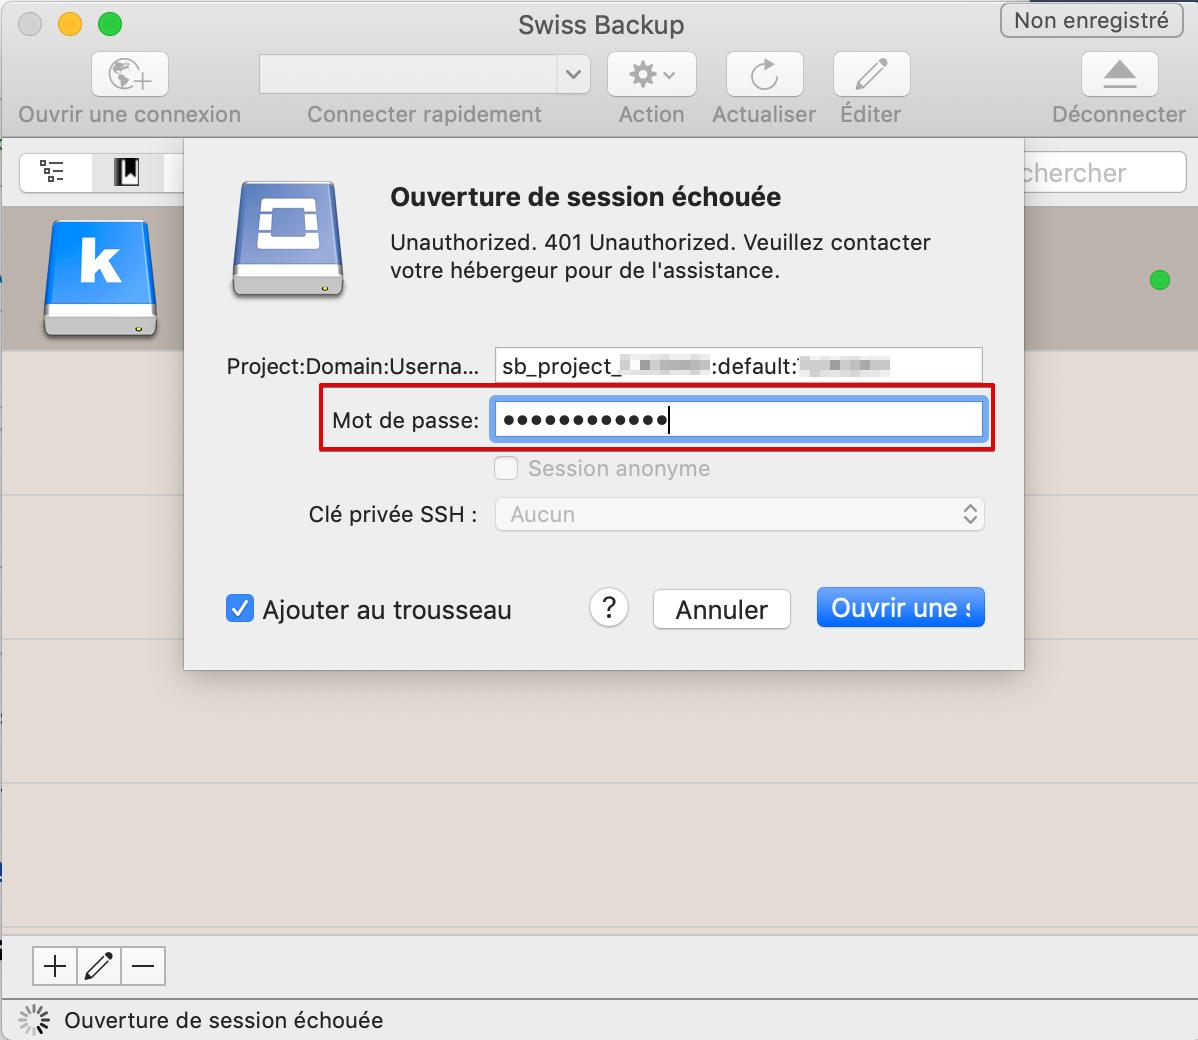 Swiss Backup - Infomaniak